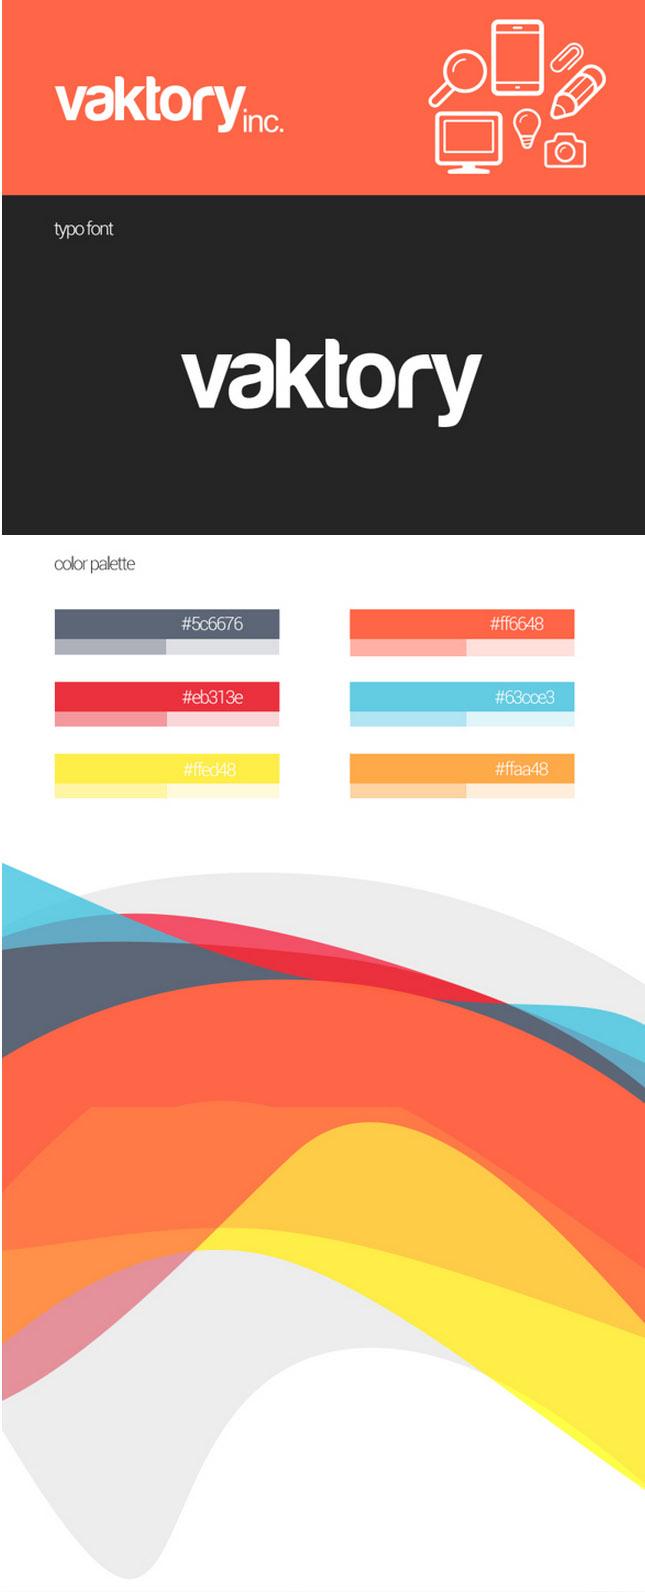 identyfikacja-wizualna-corporate-identity-2014- (5)